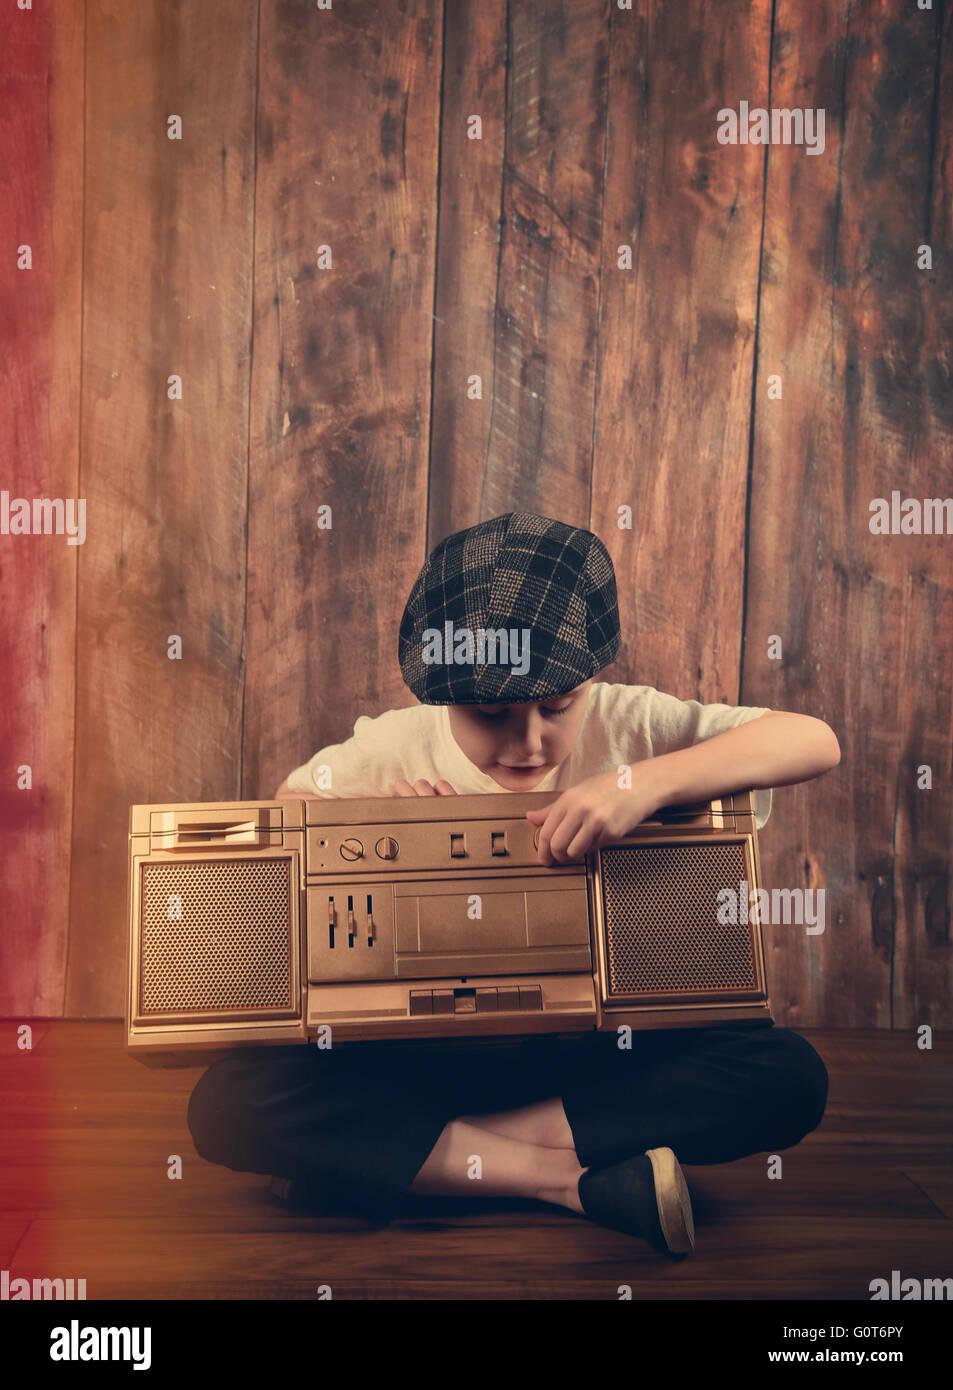 Un enfant est l'écoute d'une musique stéréo boombox or vintage avec un fond en bois pour Photo Stock